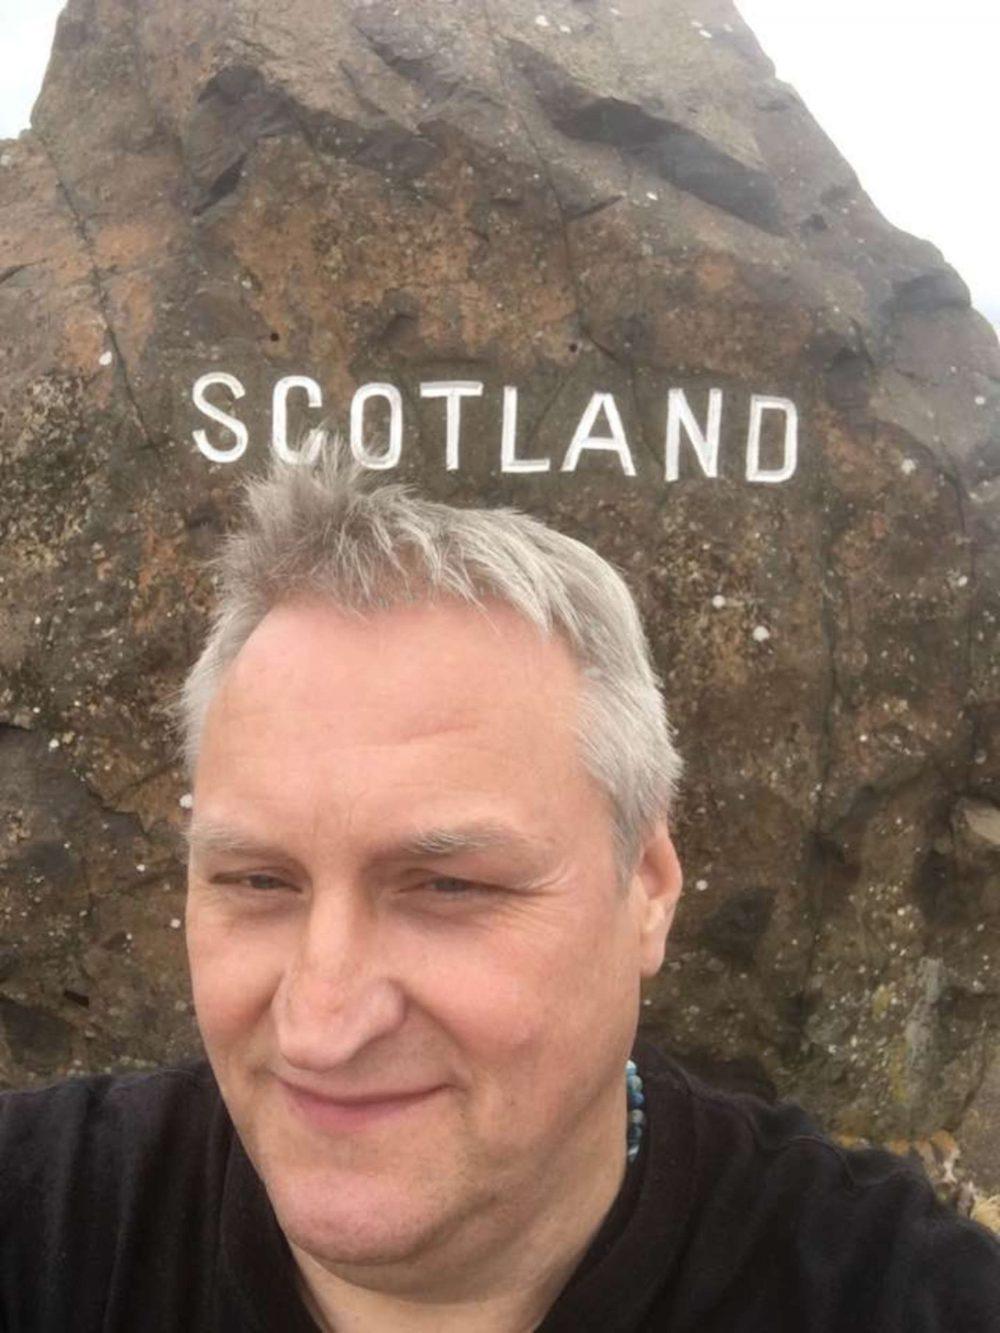 Allan Fraser Scotland- Care News Scotland